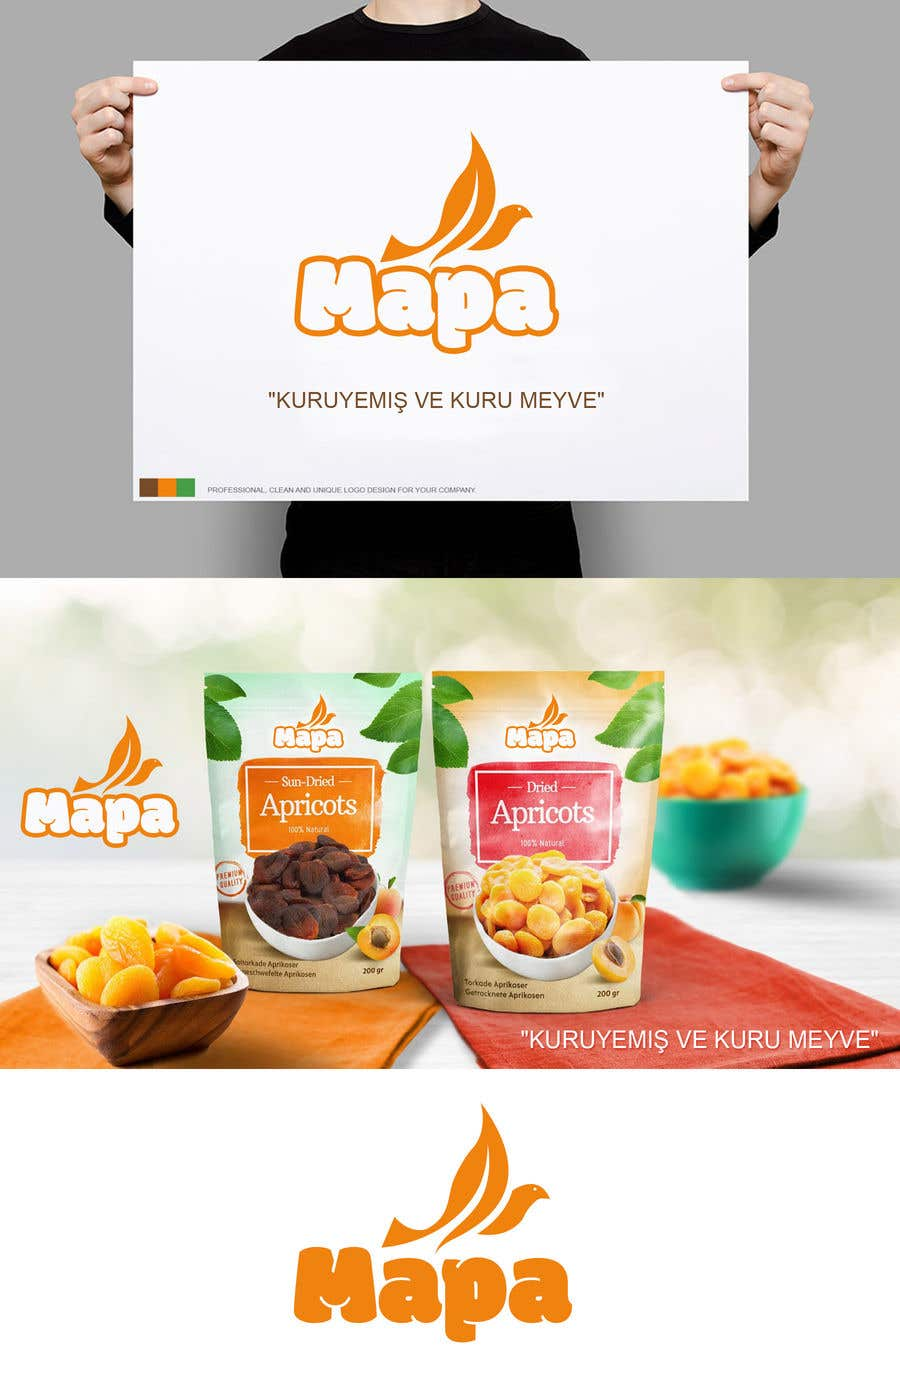 Inscrição nº 308 do Concurso para Design a Logo for Nuts and Dried Fruit Company